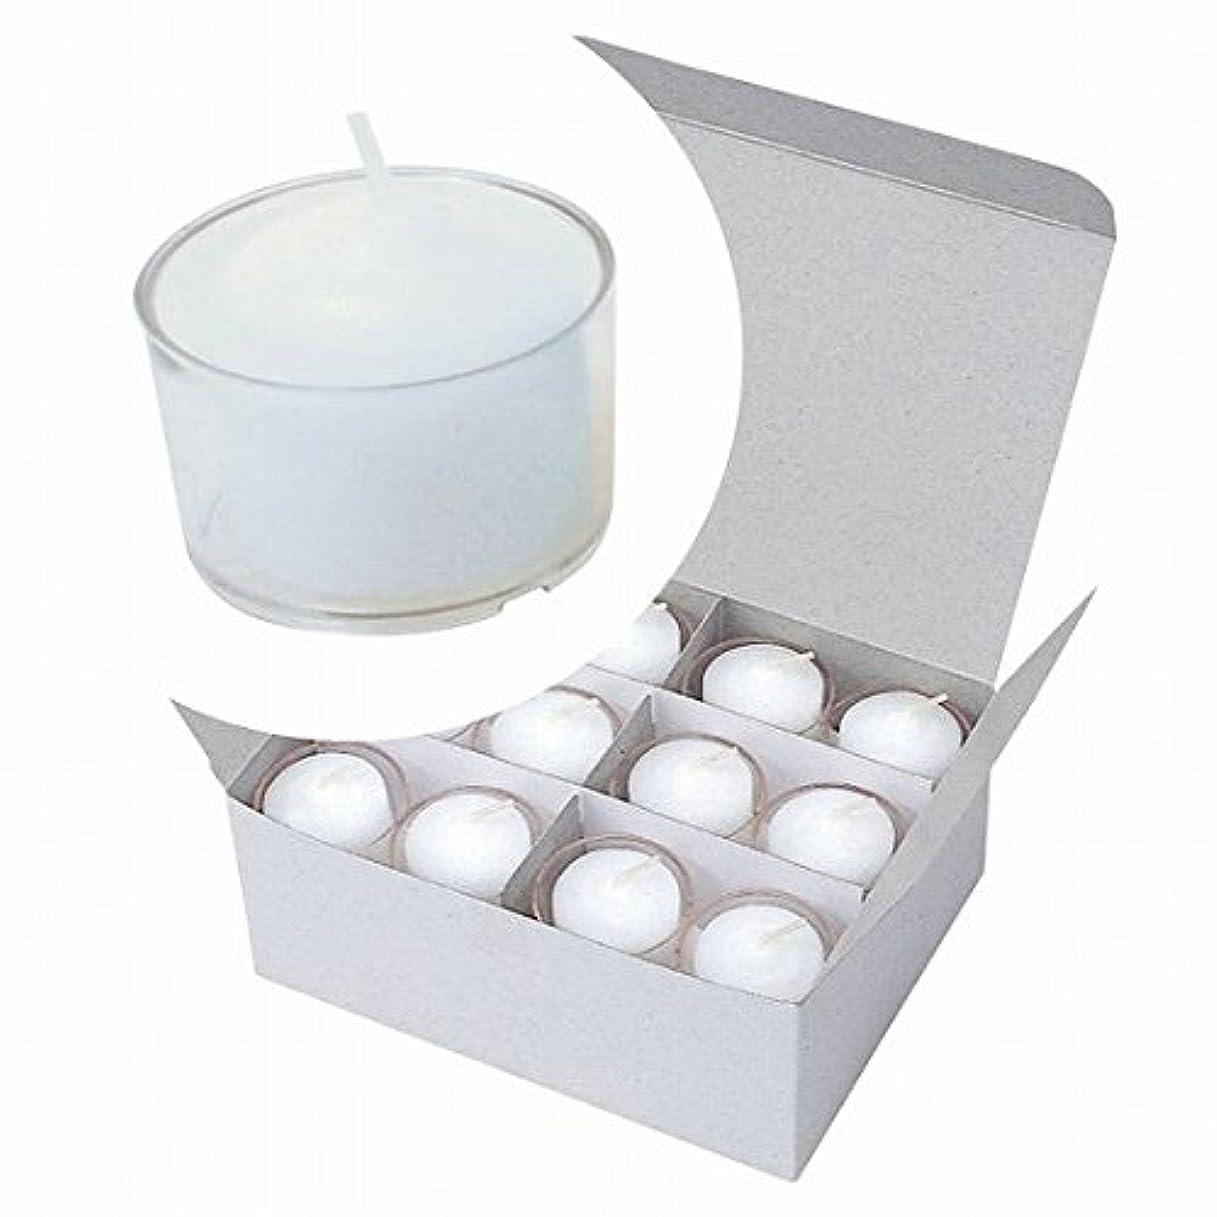 被る気候の山ラグカメヤマキャンドル(kameyama candle) カラークリアカップボーティブ6時間タイプ 24個入り 「 クリア 」